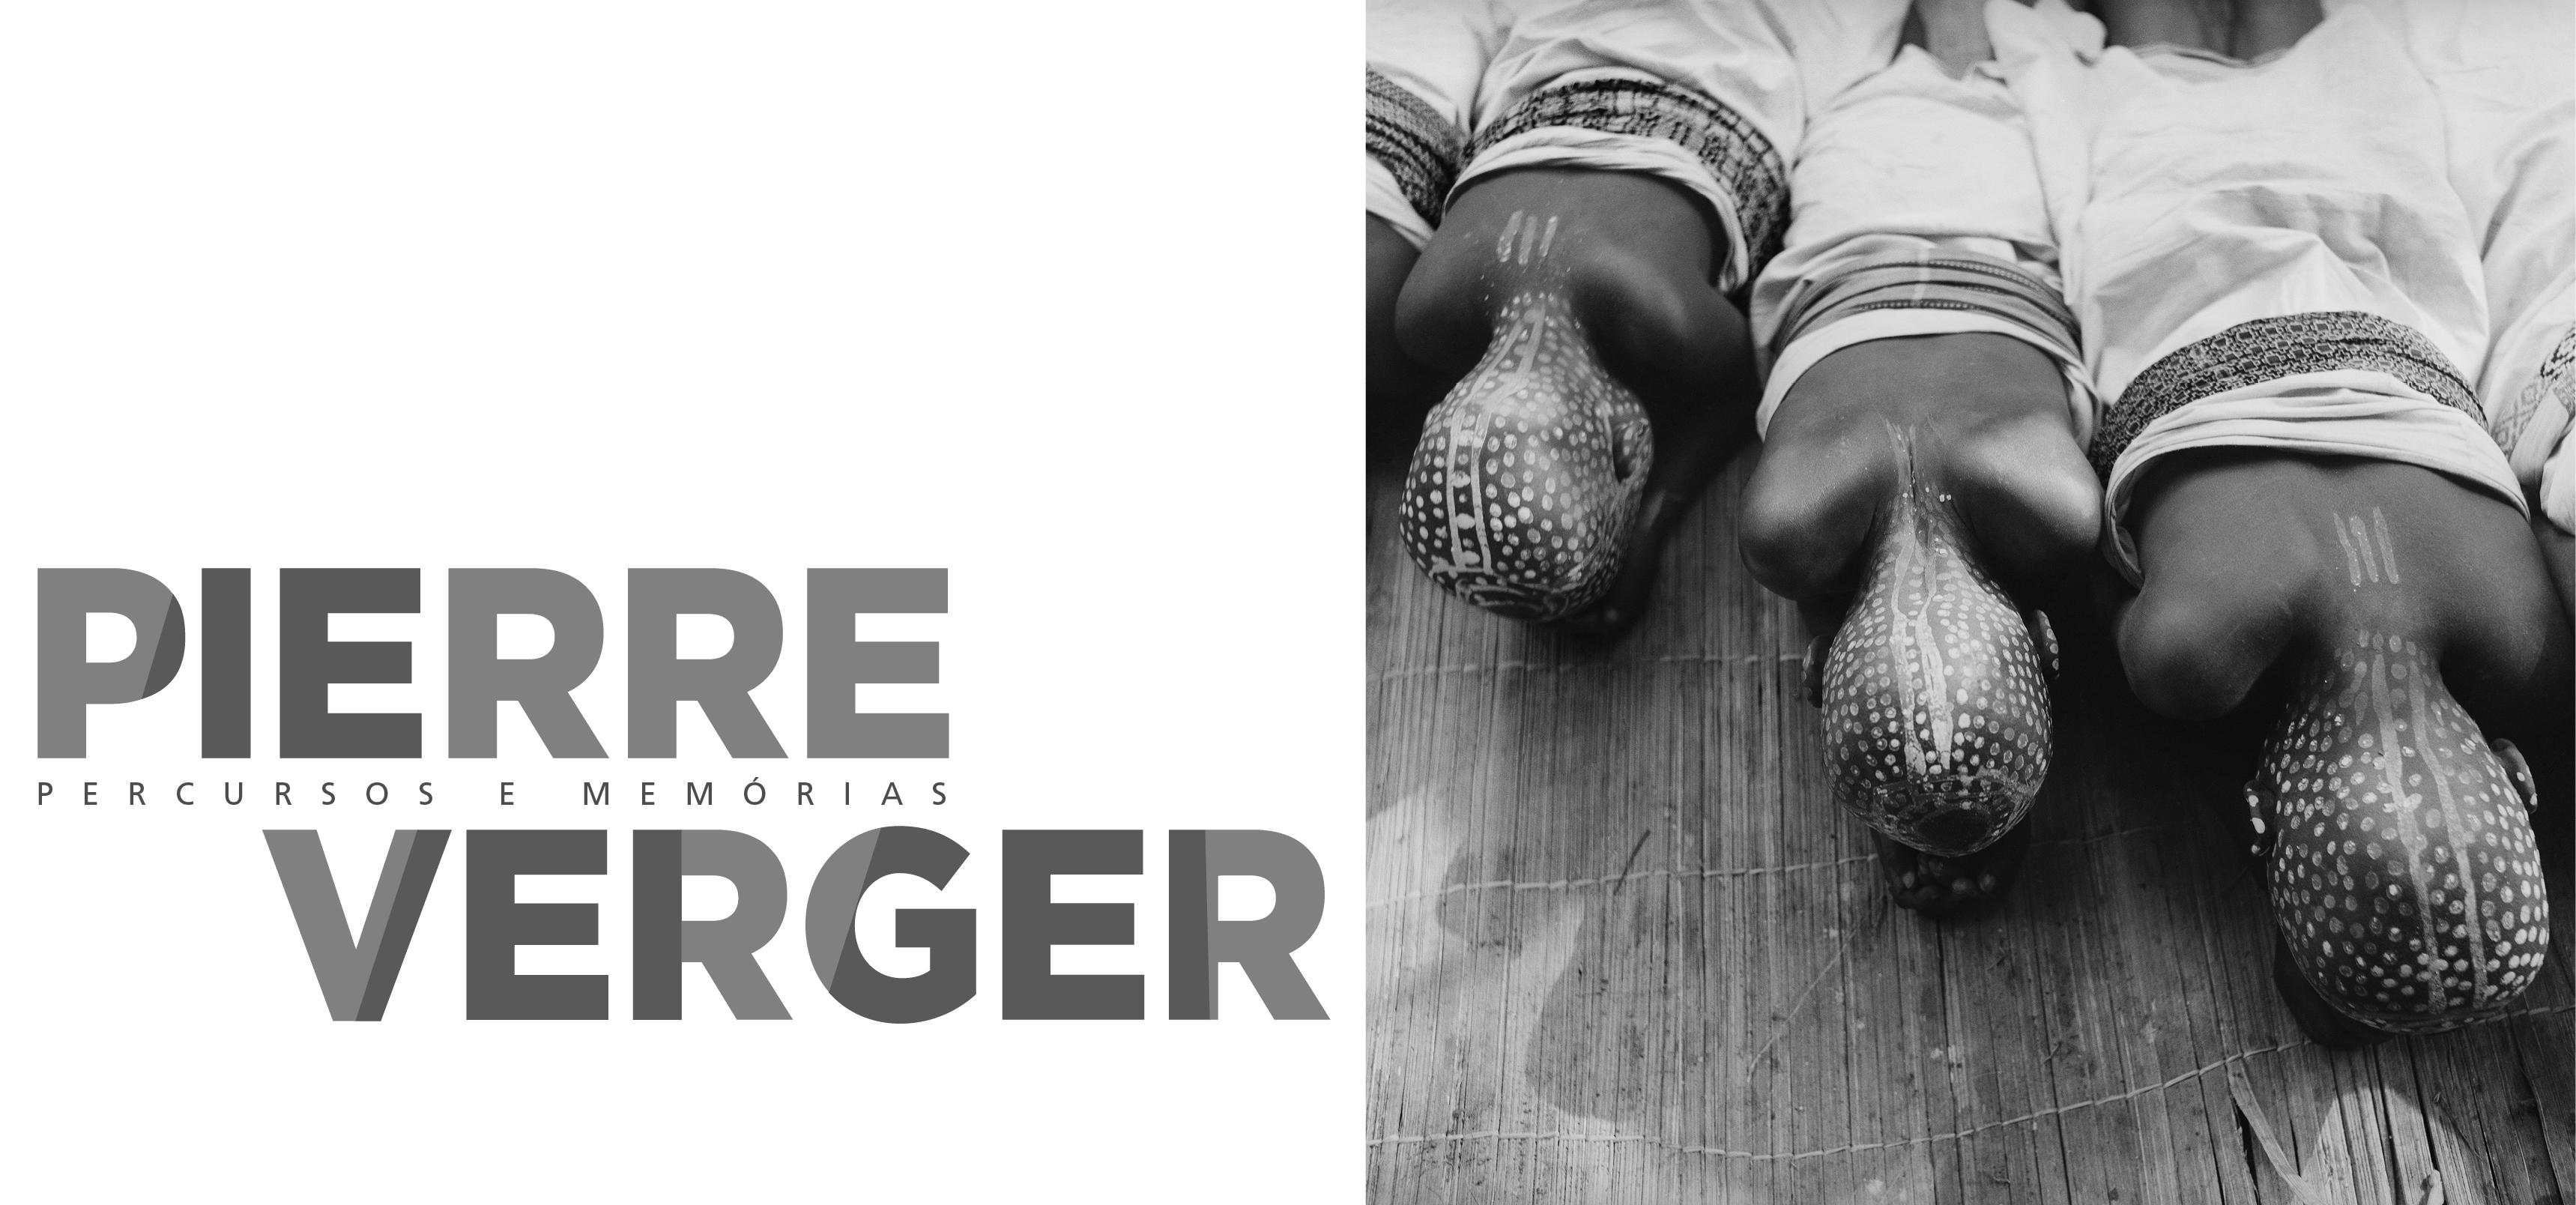 Pierre Verger - Percursos e Memórias